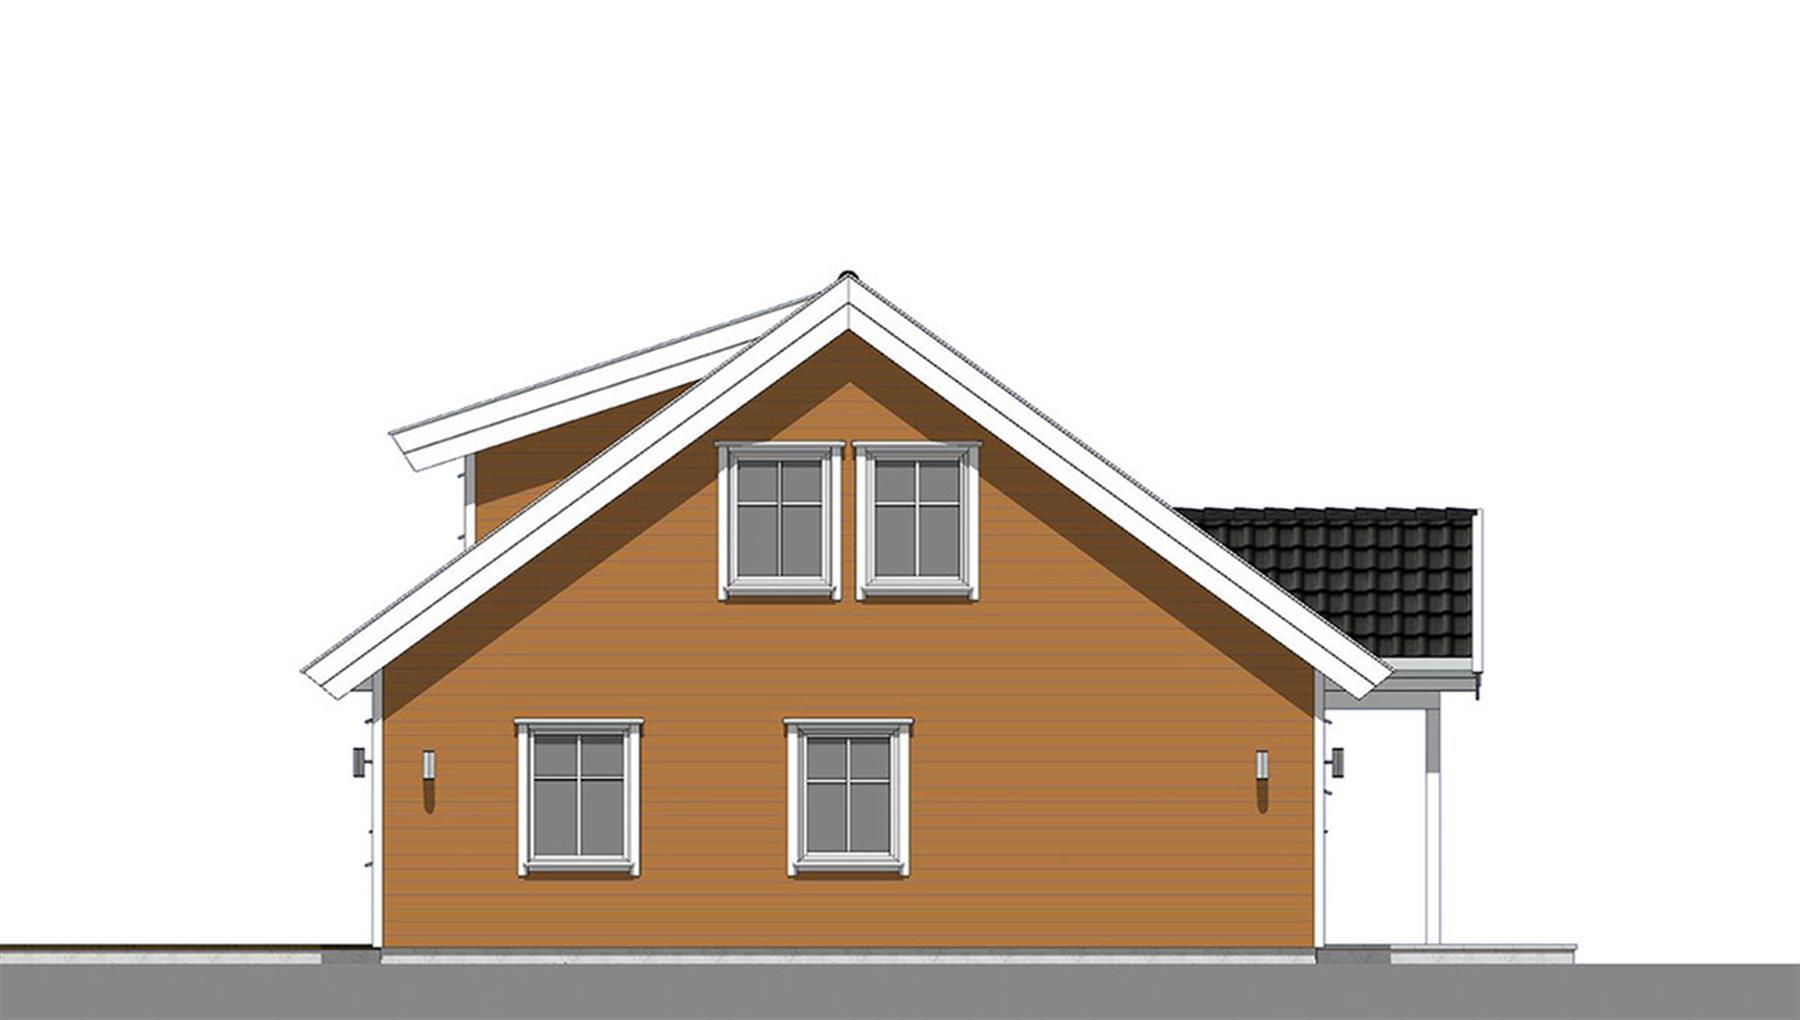 Grågås fasade 4